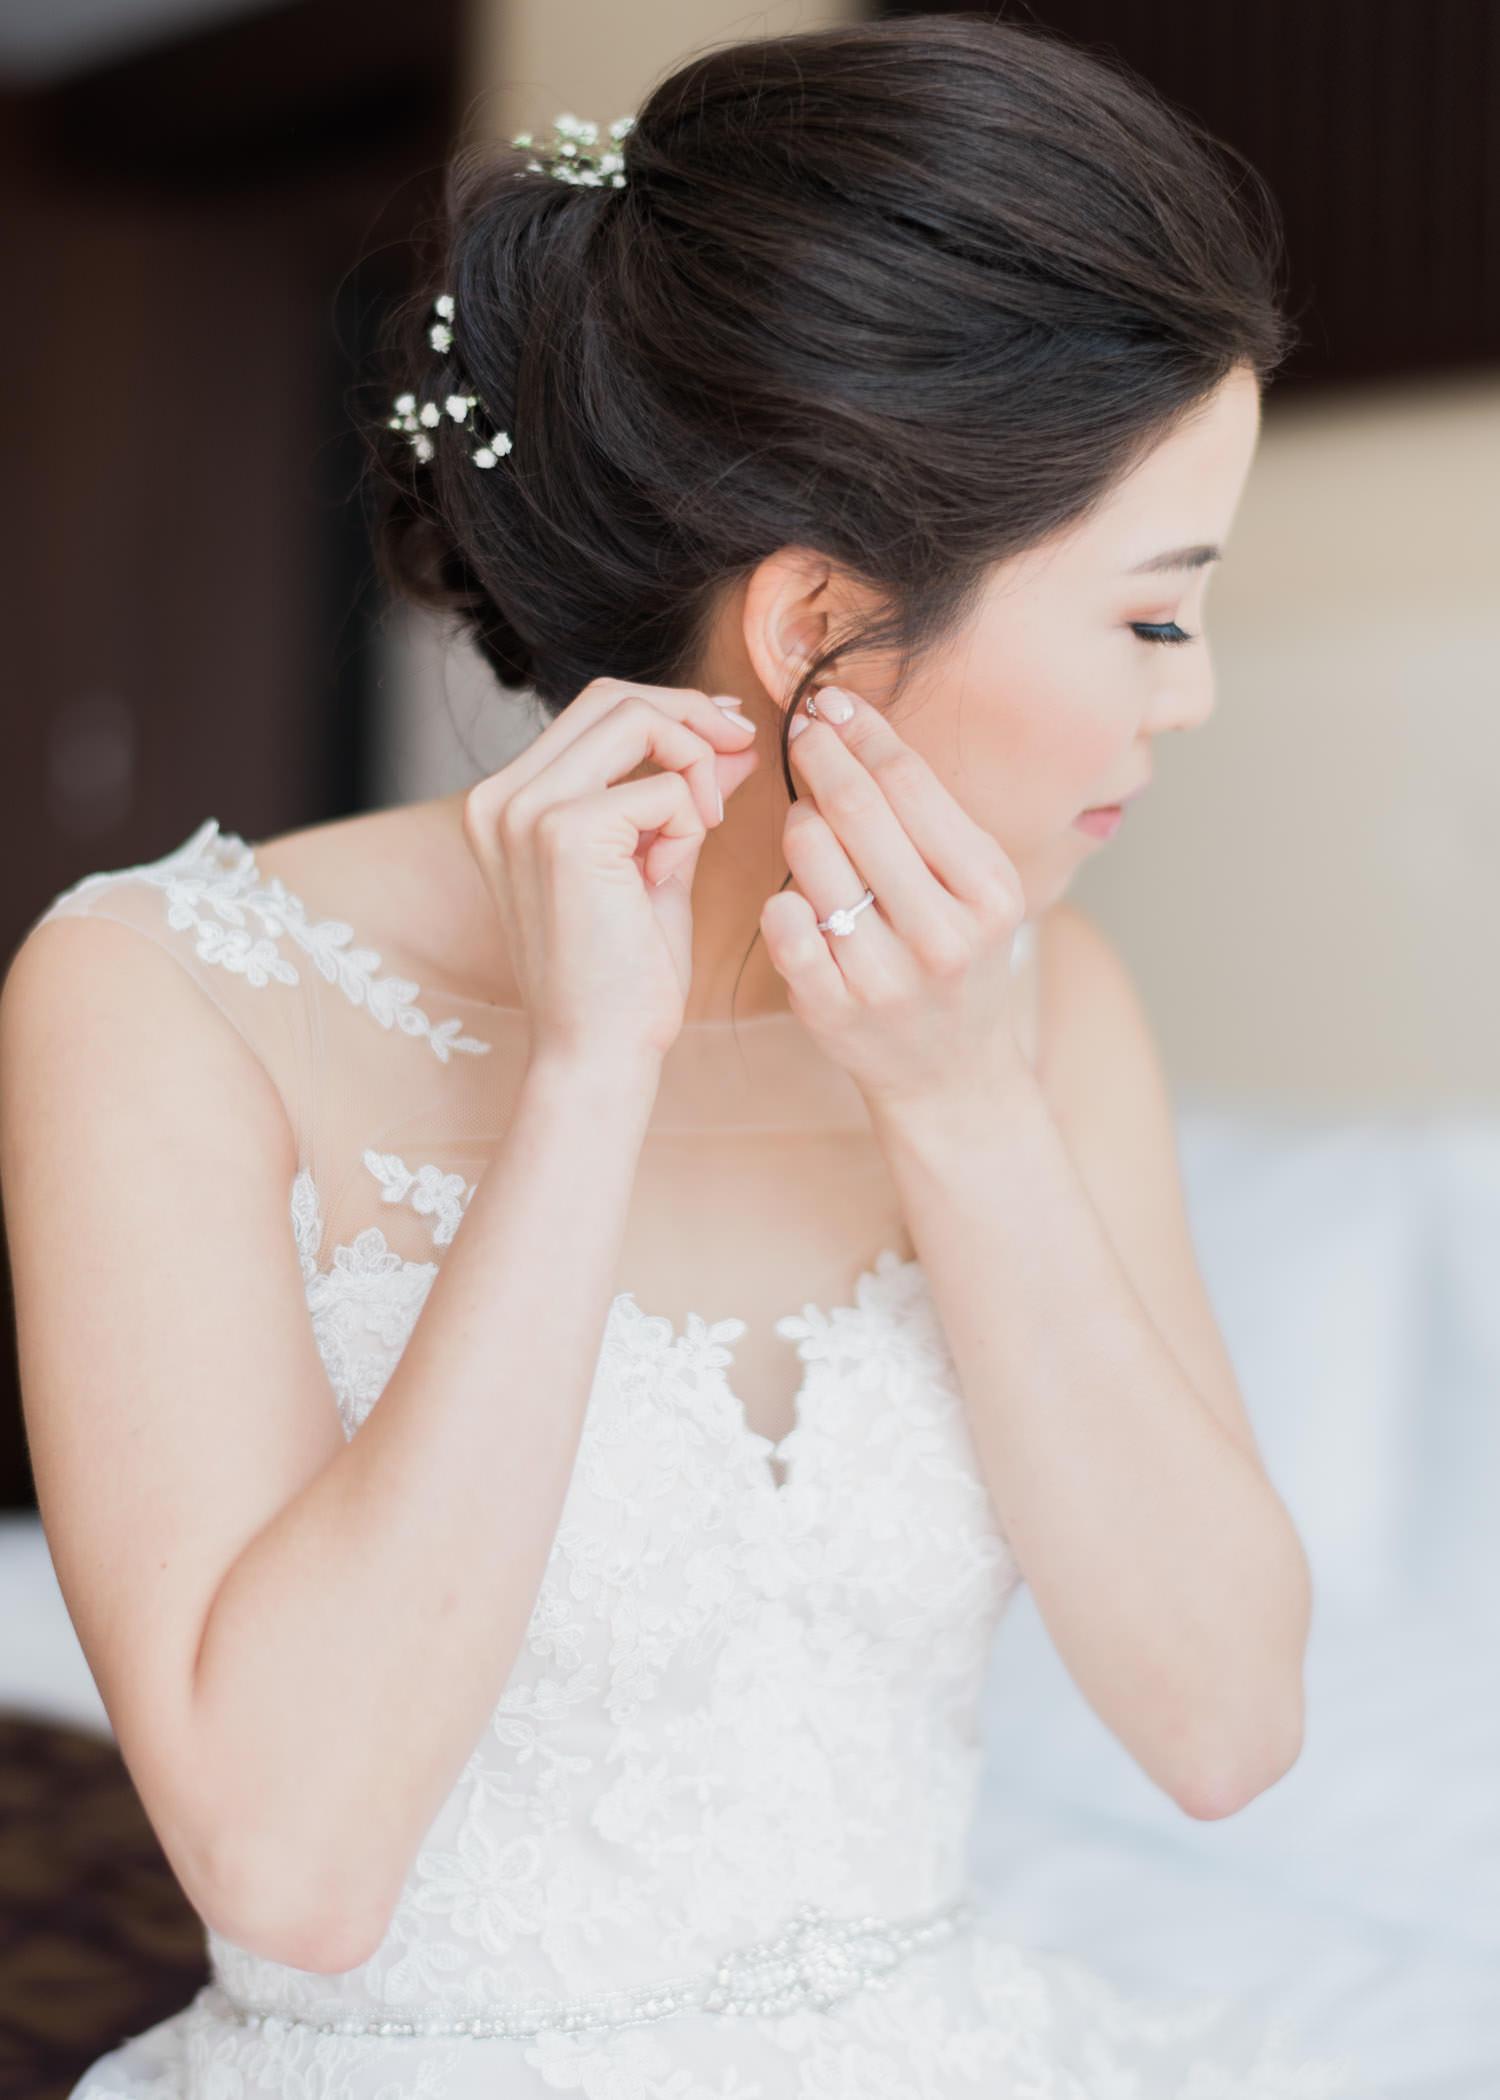 Bride putting on her earrings at Shangri-La Hotel in Toronto